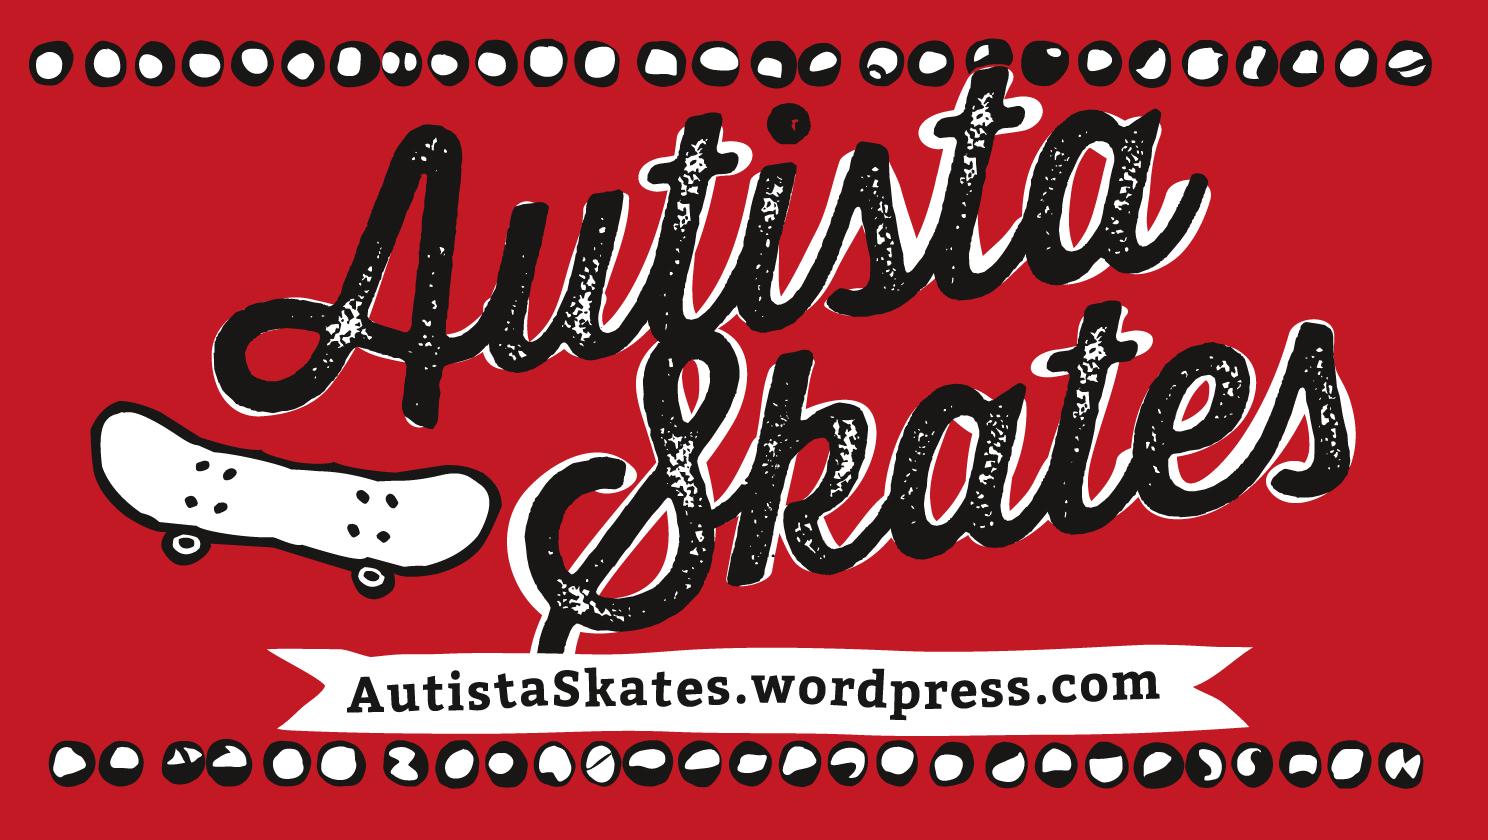 AutistaSkates-Sticker-wordpress